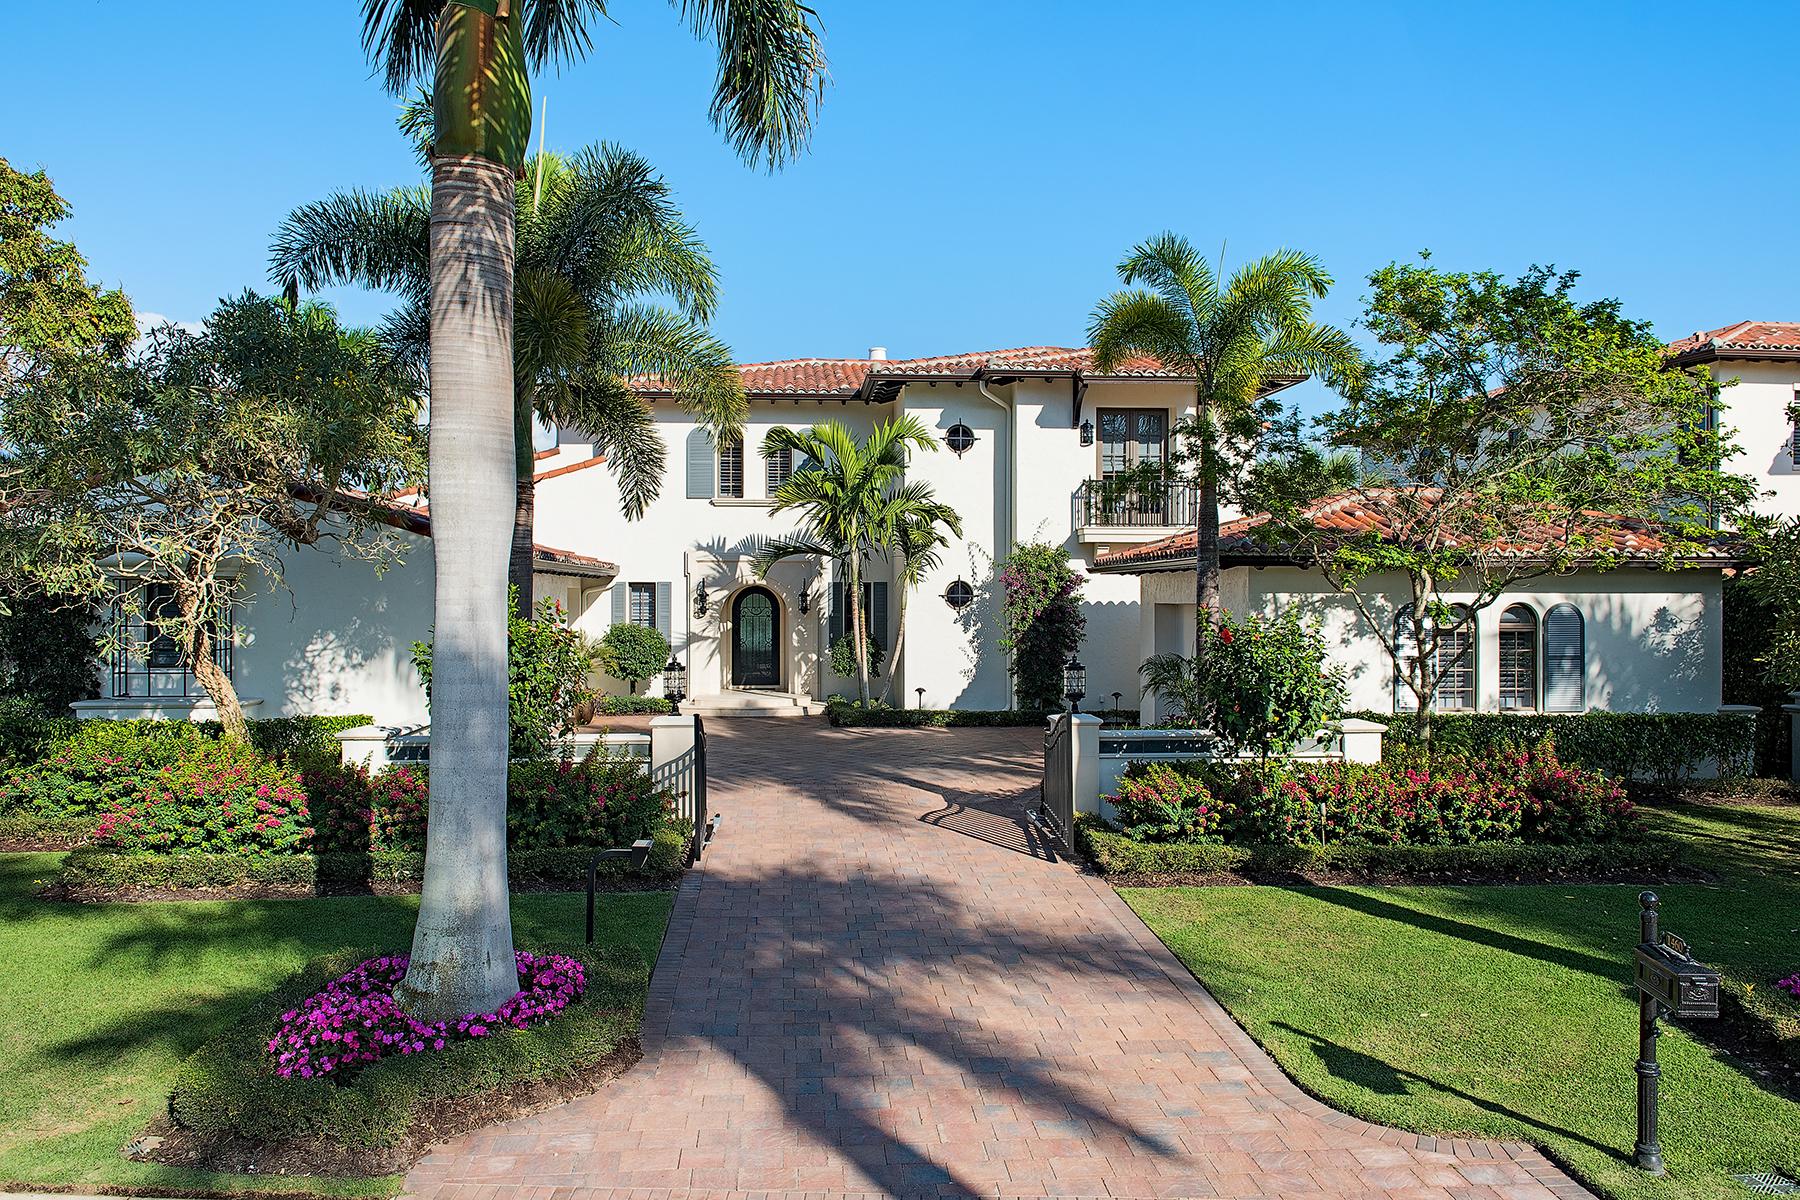 Einfamilienhaus für Verkauf beim 1460 Anhinga Pt , Naples, FL 34105 1460 Anhinga Pt Naples, Florida, 34105 Vereinigte Staaten